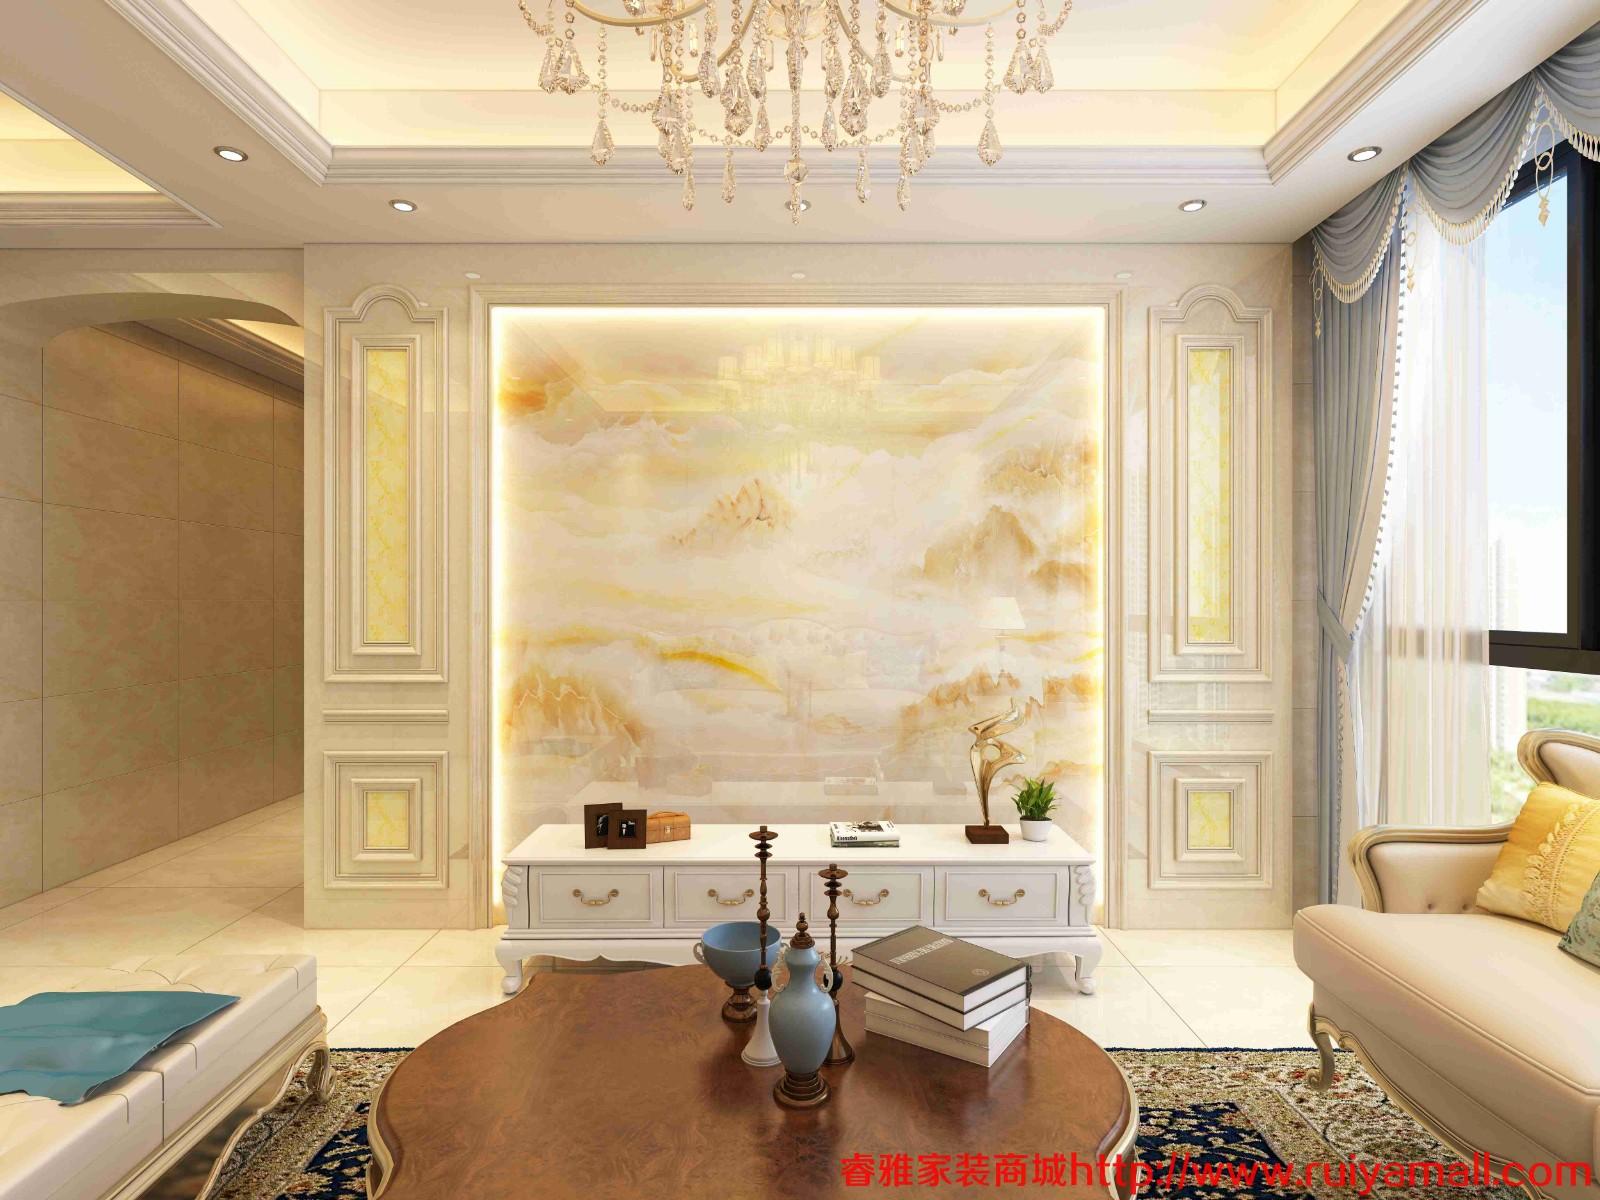 电视背景墙瓷砖现代简约客厅3D微晶石石材边框装饰造型石材护墙板-套餐4